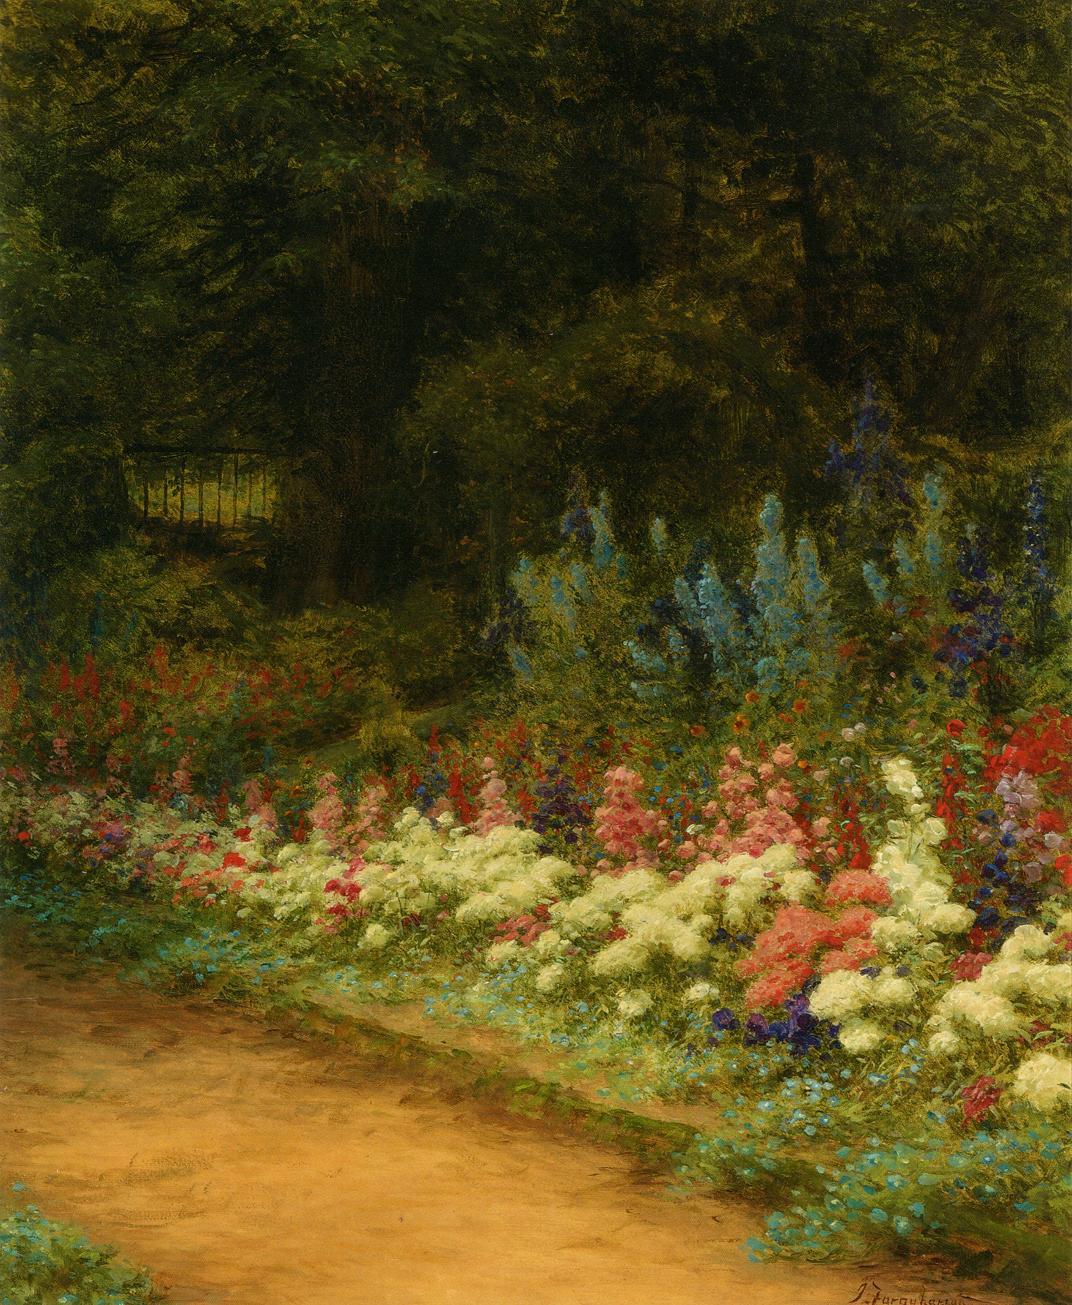 A Corner of My Garden' - Joseph Farquharson.